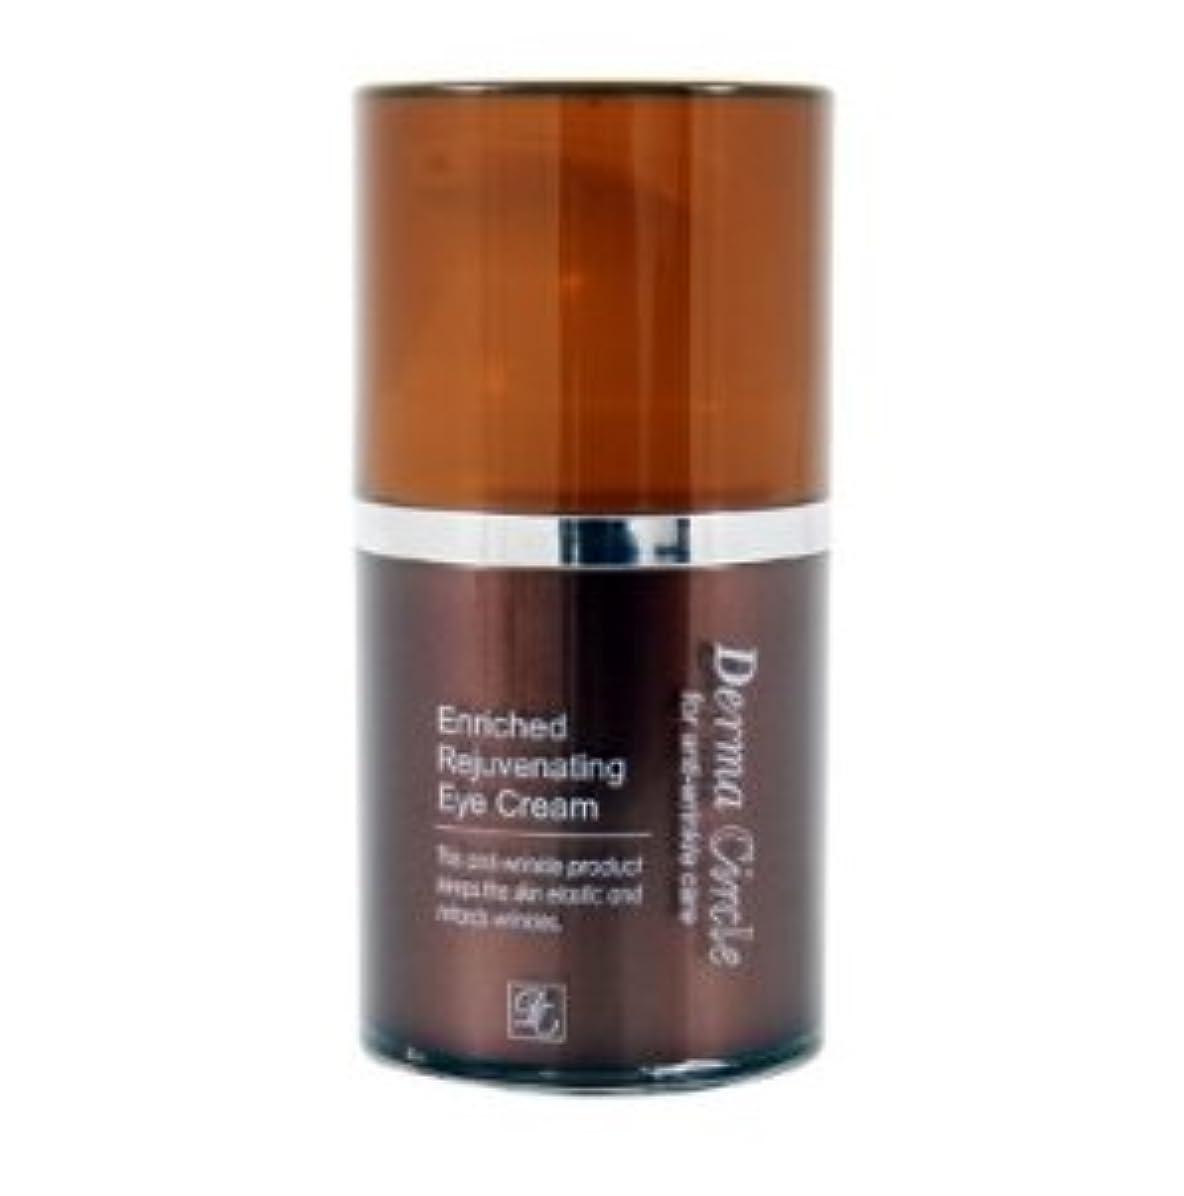 契約するシェトランド諸島ふつうDerma Circle Rejuvenating Eye Cream ダーマサークルリジュベネーティングアイクリーム